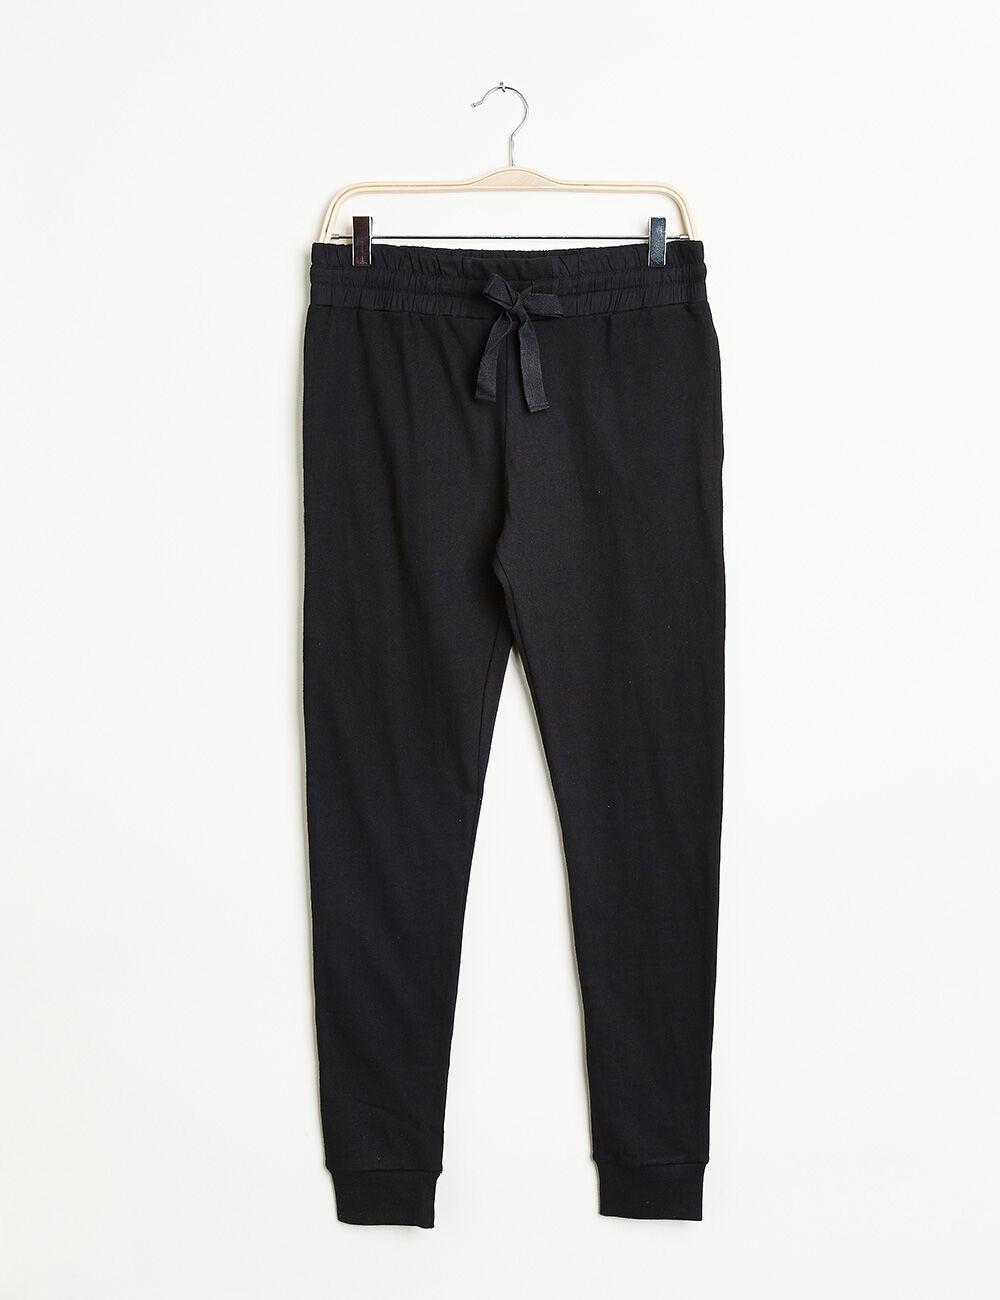 pantalon de jogging noir femme jennyfer. Black Bedroom Furniture Sets. Home Design Ideas